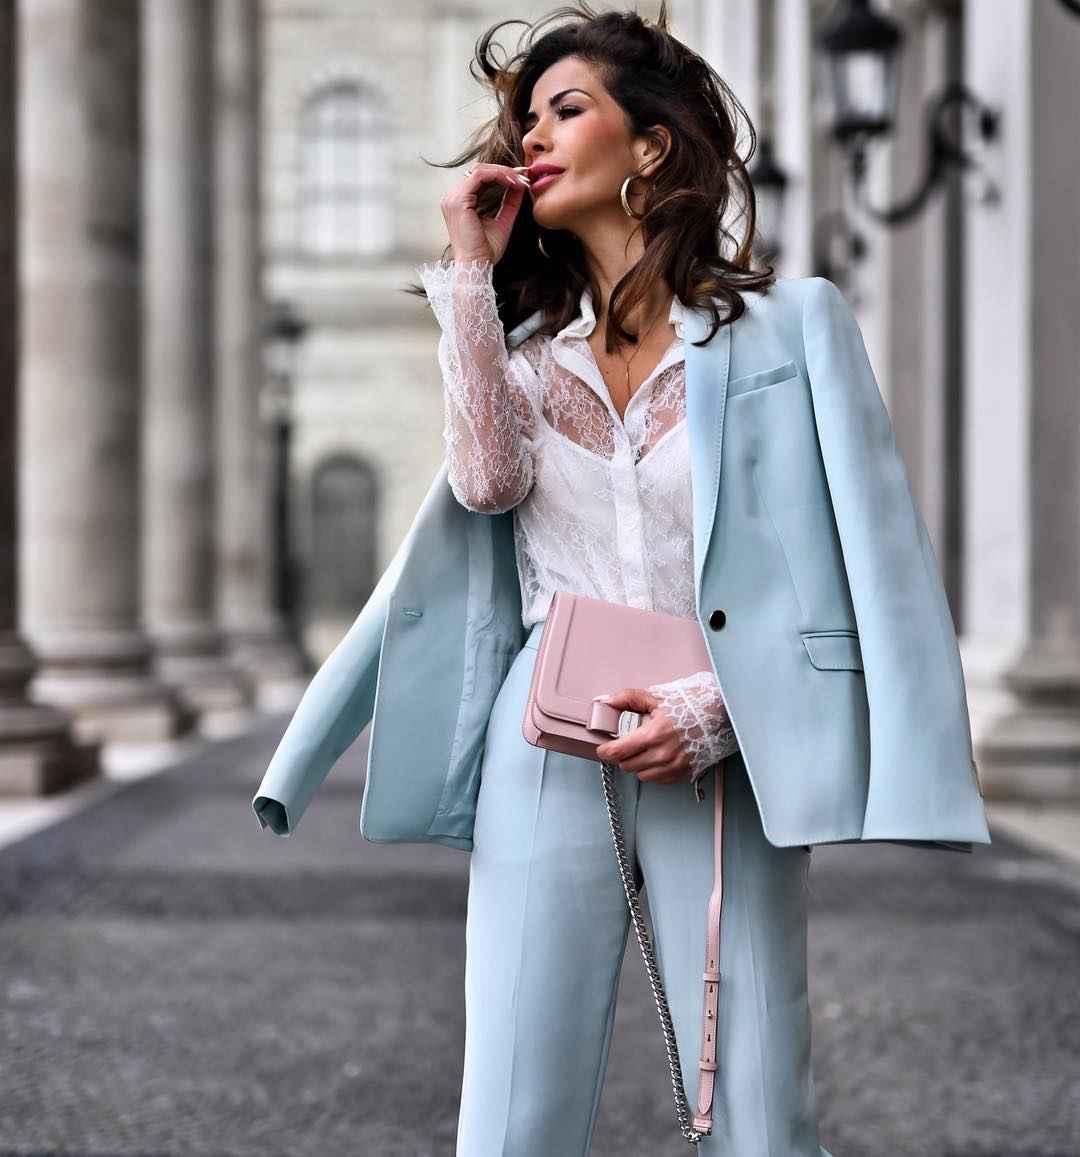 рубашки и блузы для женщин 40 лет 2019 фото_17